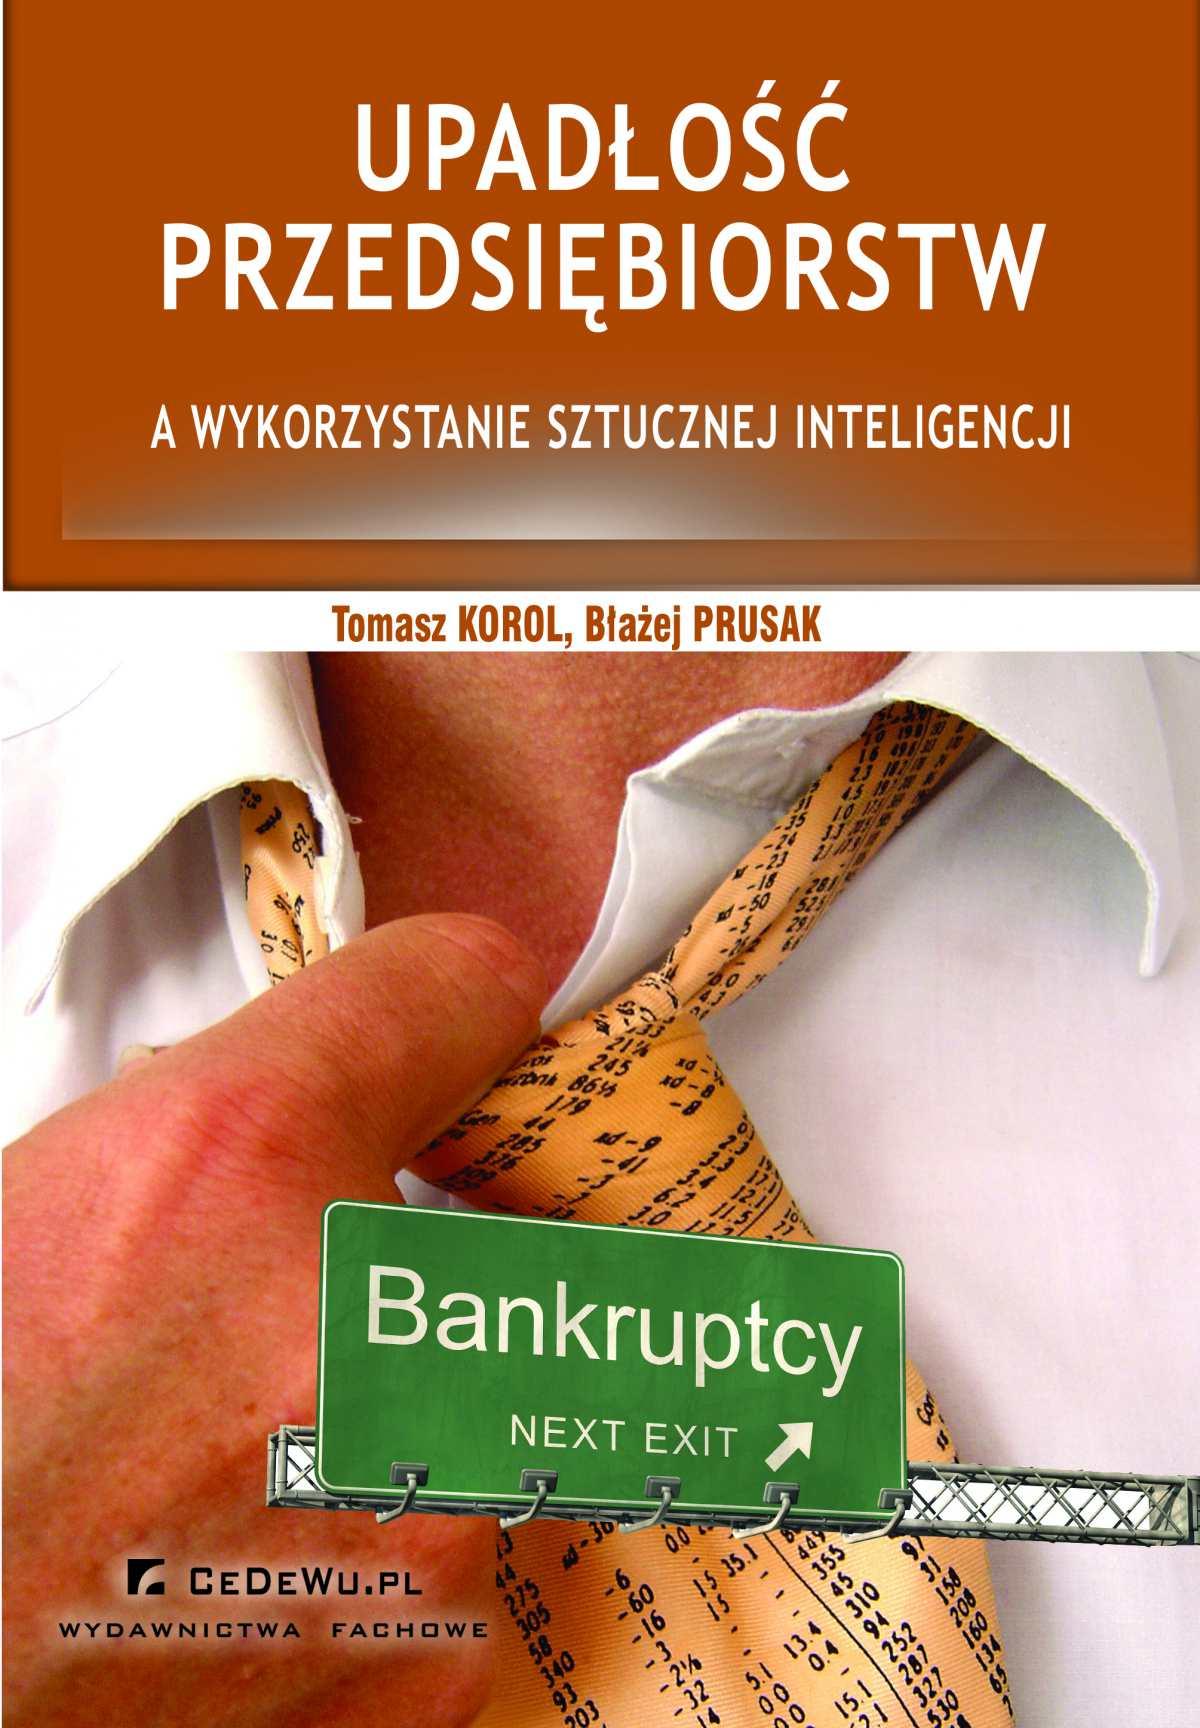 Upadłość przedsiębiorstw a wykorzystanie sztucznej inteligencji (wyd. II). Rozdział 2. Ekonomiczne uwarunkowania upadłości przedsiębiorstw - Ebook (Książka PDF) do pobrania w formacie PDF